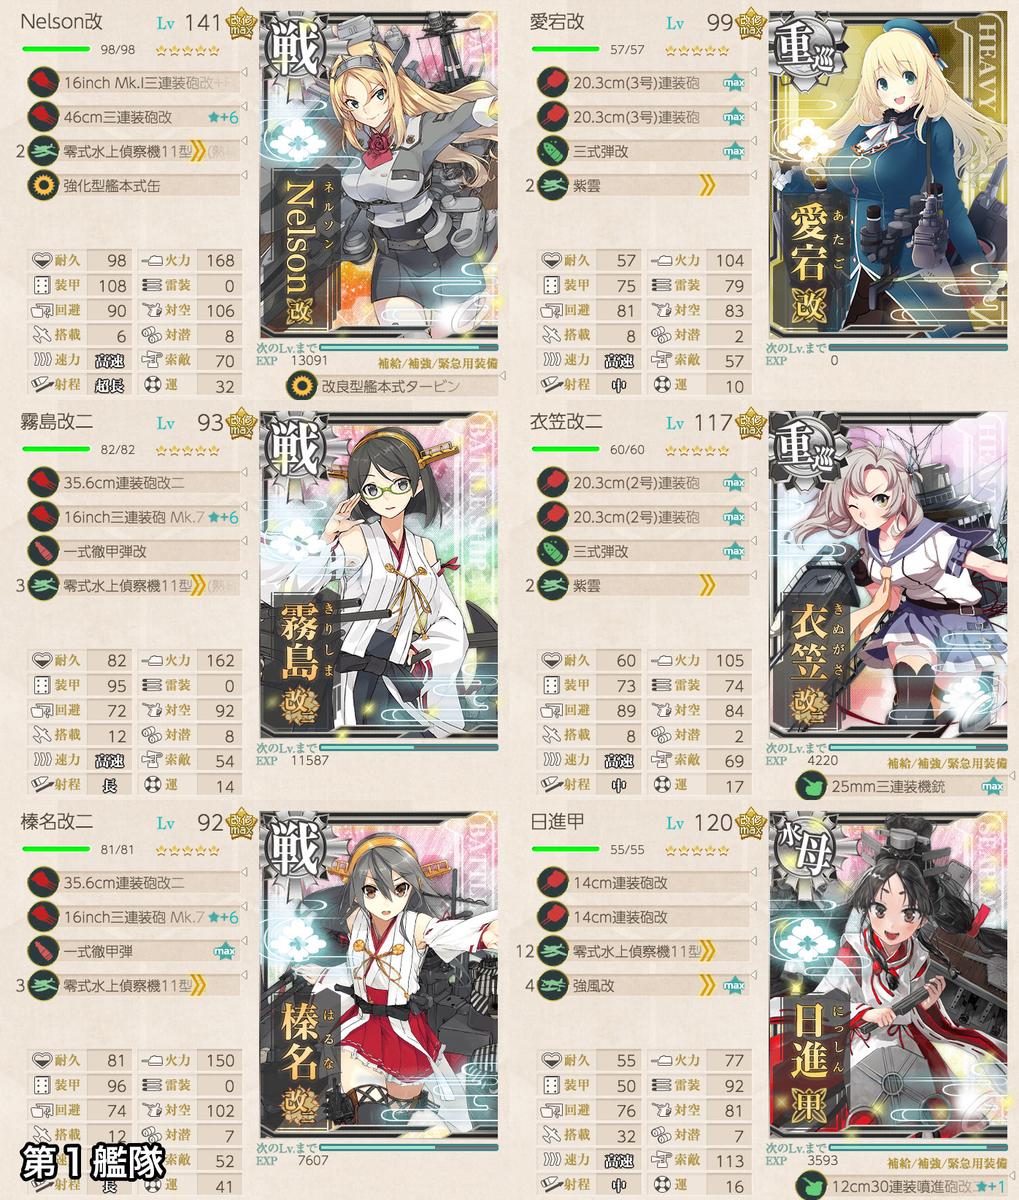 f:id:nameless_admiral:20200723005724j:plain